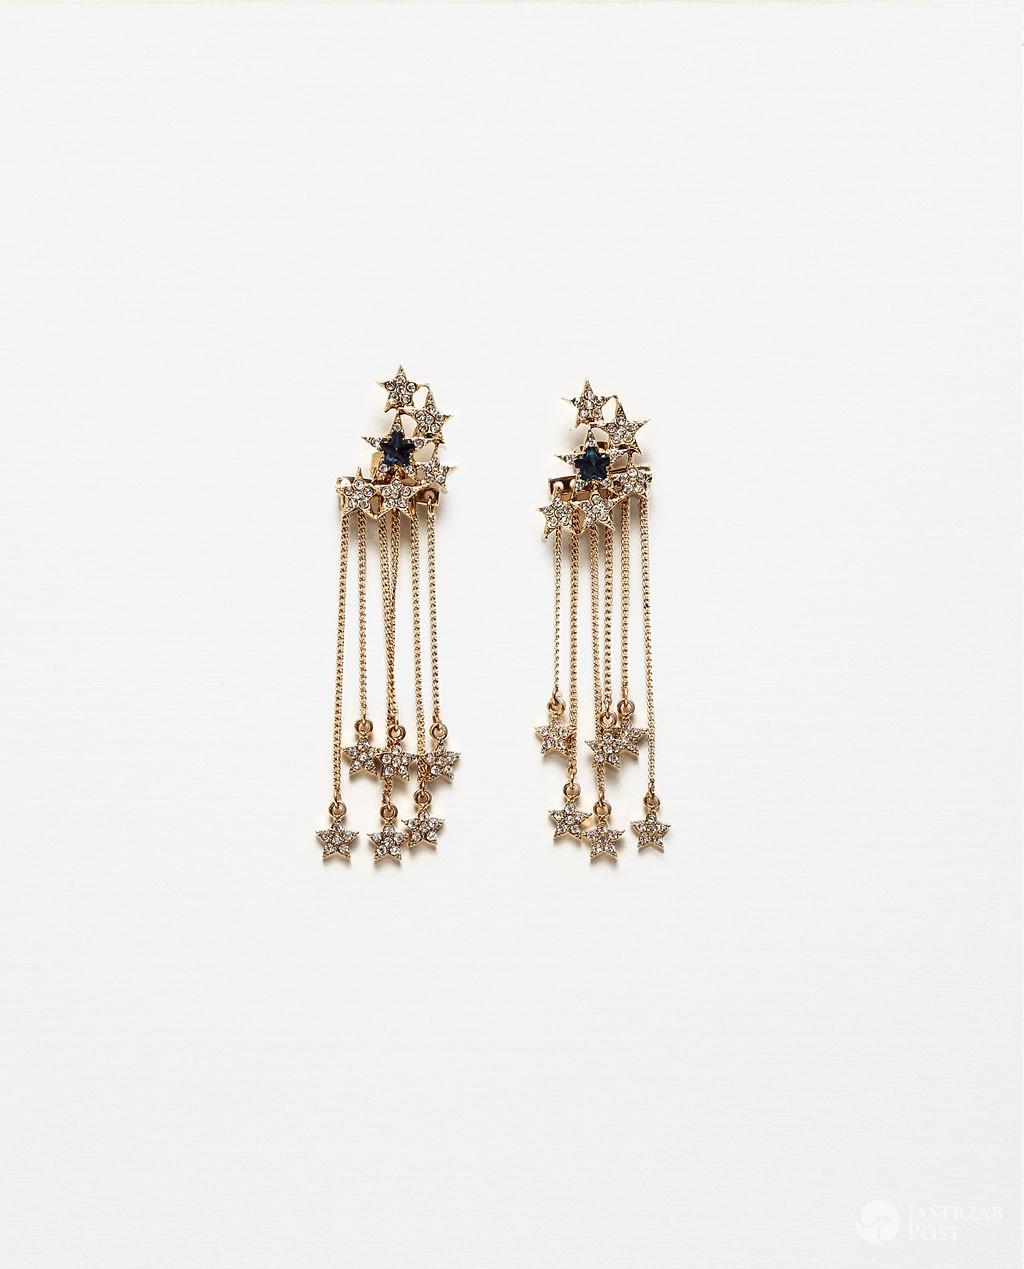 kolczyki Zara, cena: 59zł